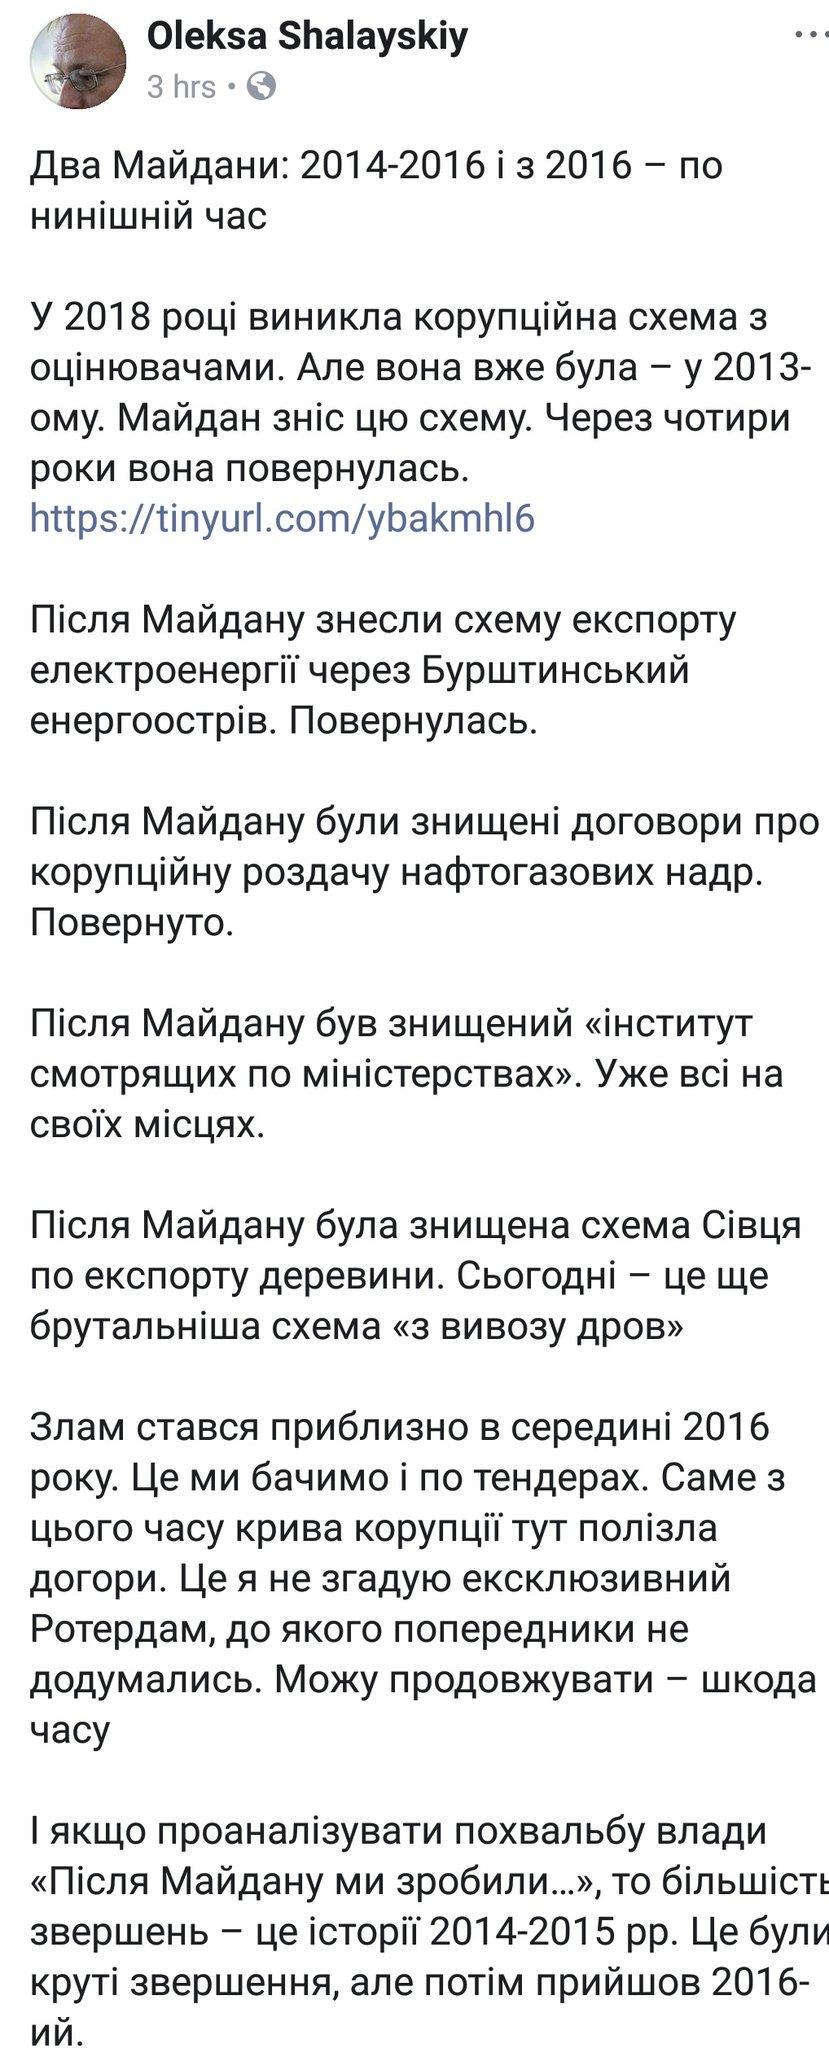 Экс-таможенник Аминев, задержанный за хищение 37 арестованных контейнеров с товаром на 140 млн, вышел на свободу под залог в 1,7 млн - Цензор.НЕТ 8305